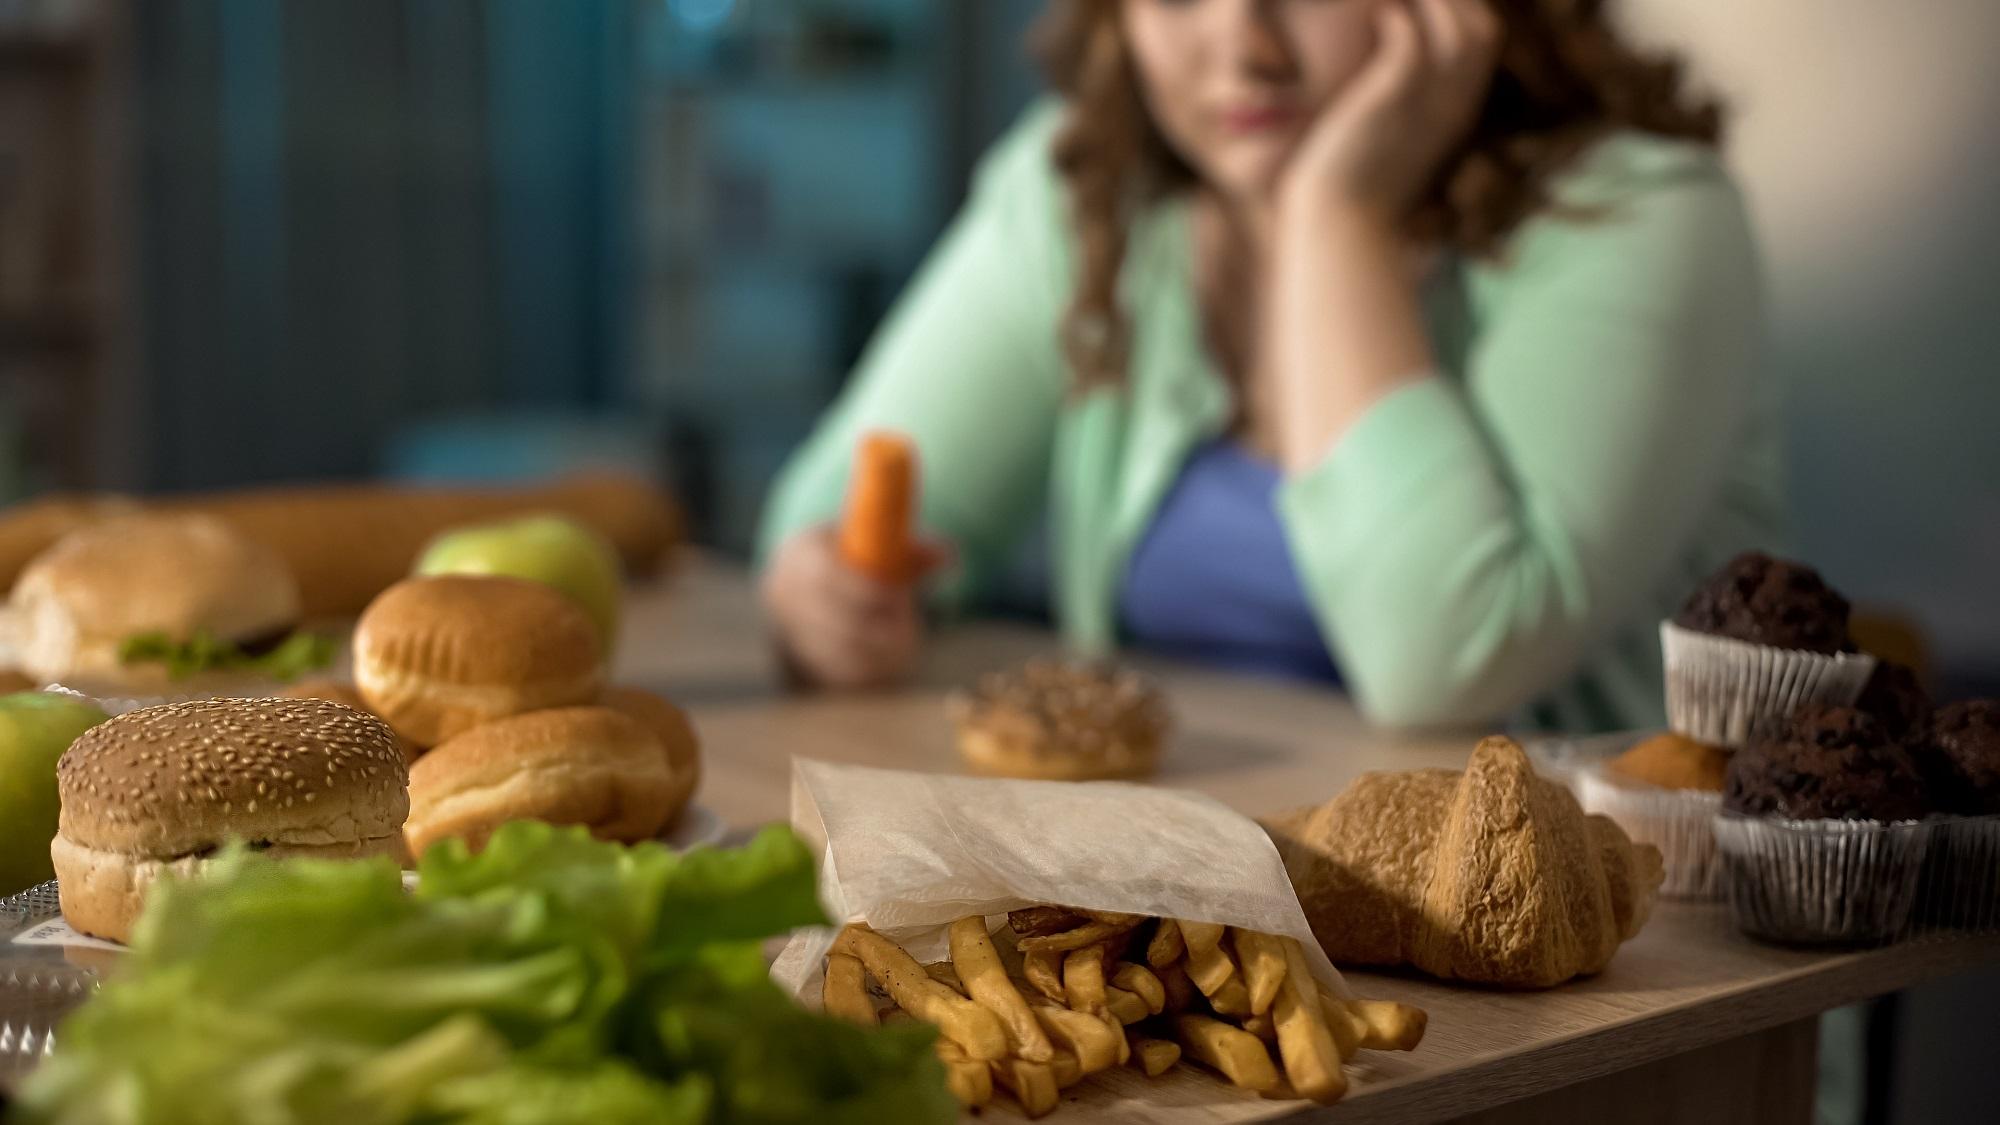 insecurity obesity에 대한 이미지 검색결과